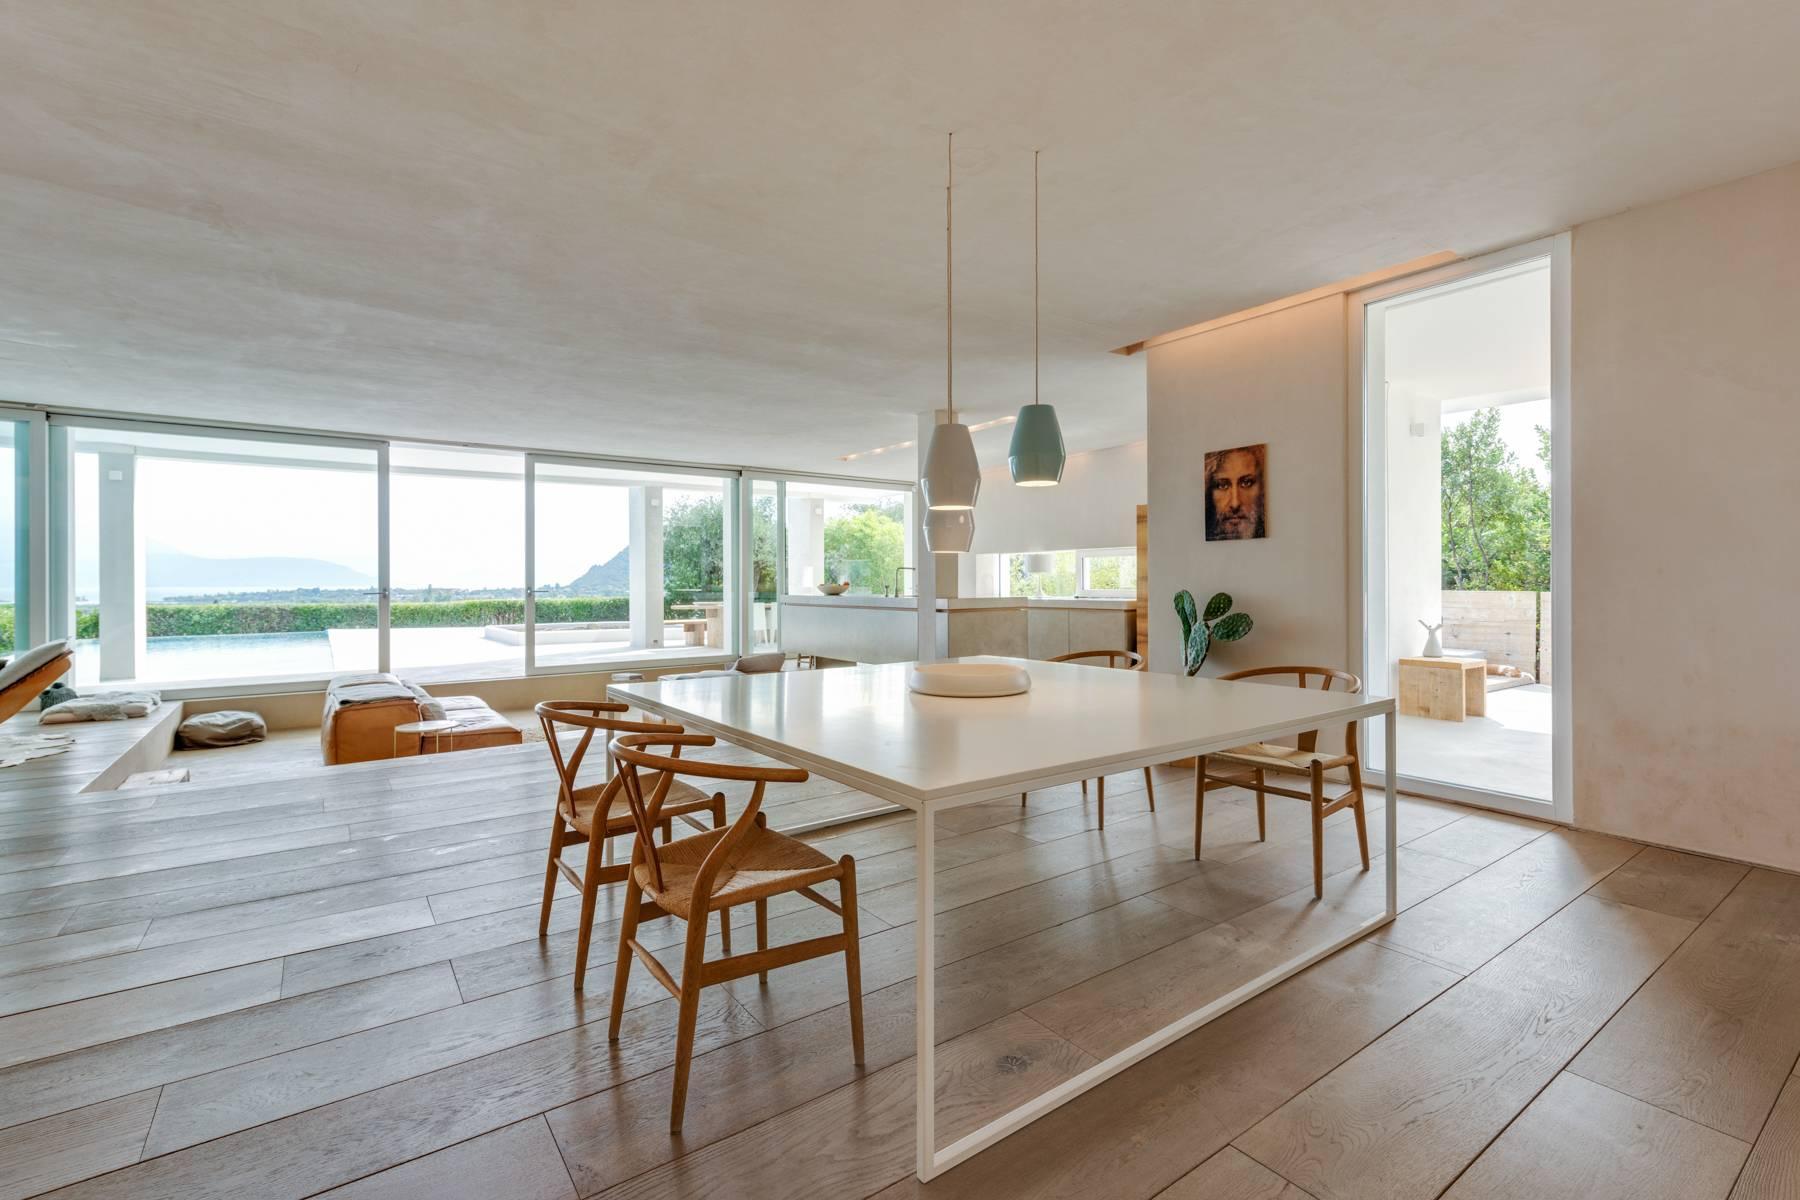 Architektonisches Meisterwerk mit herrlichem Seeblick - 9